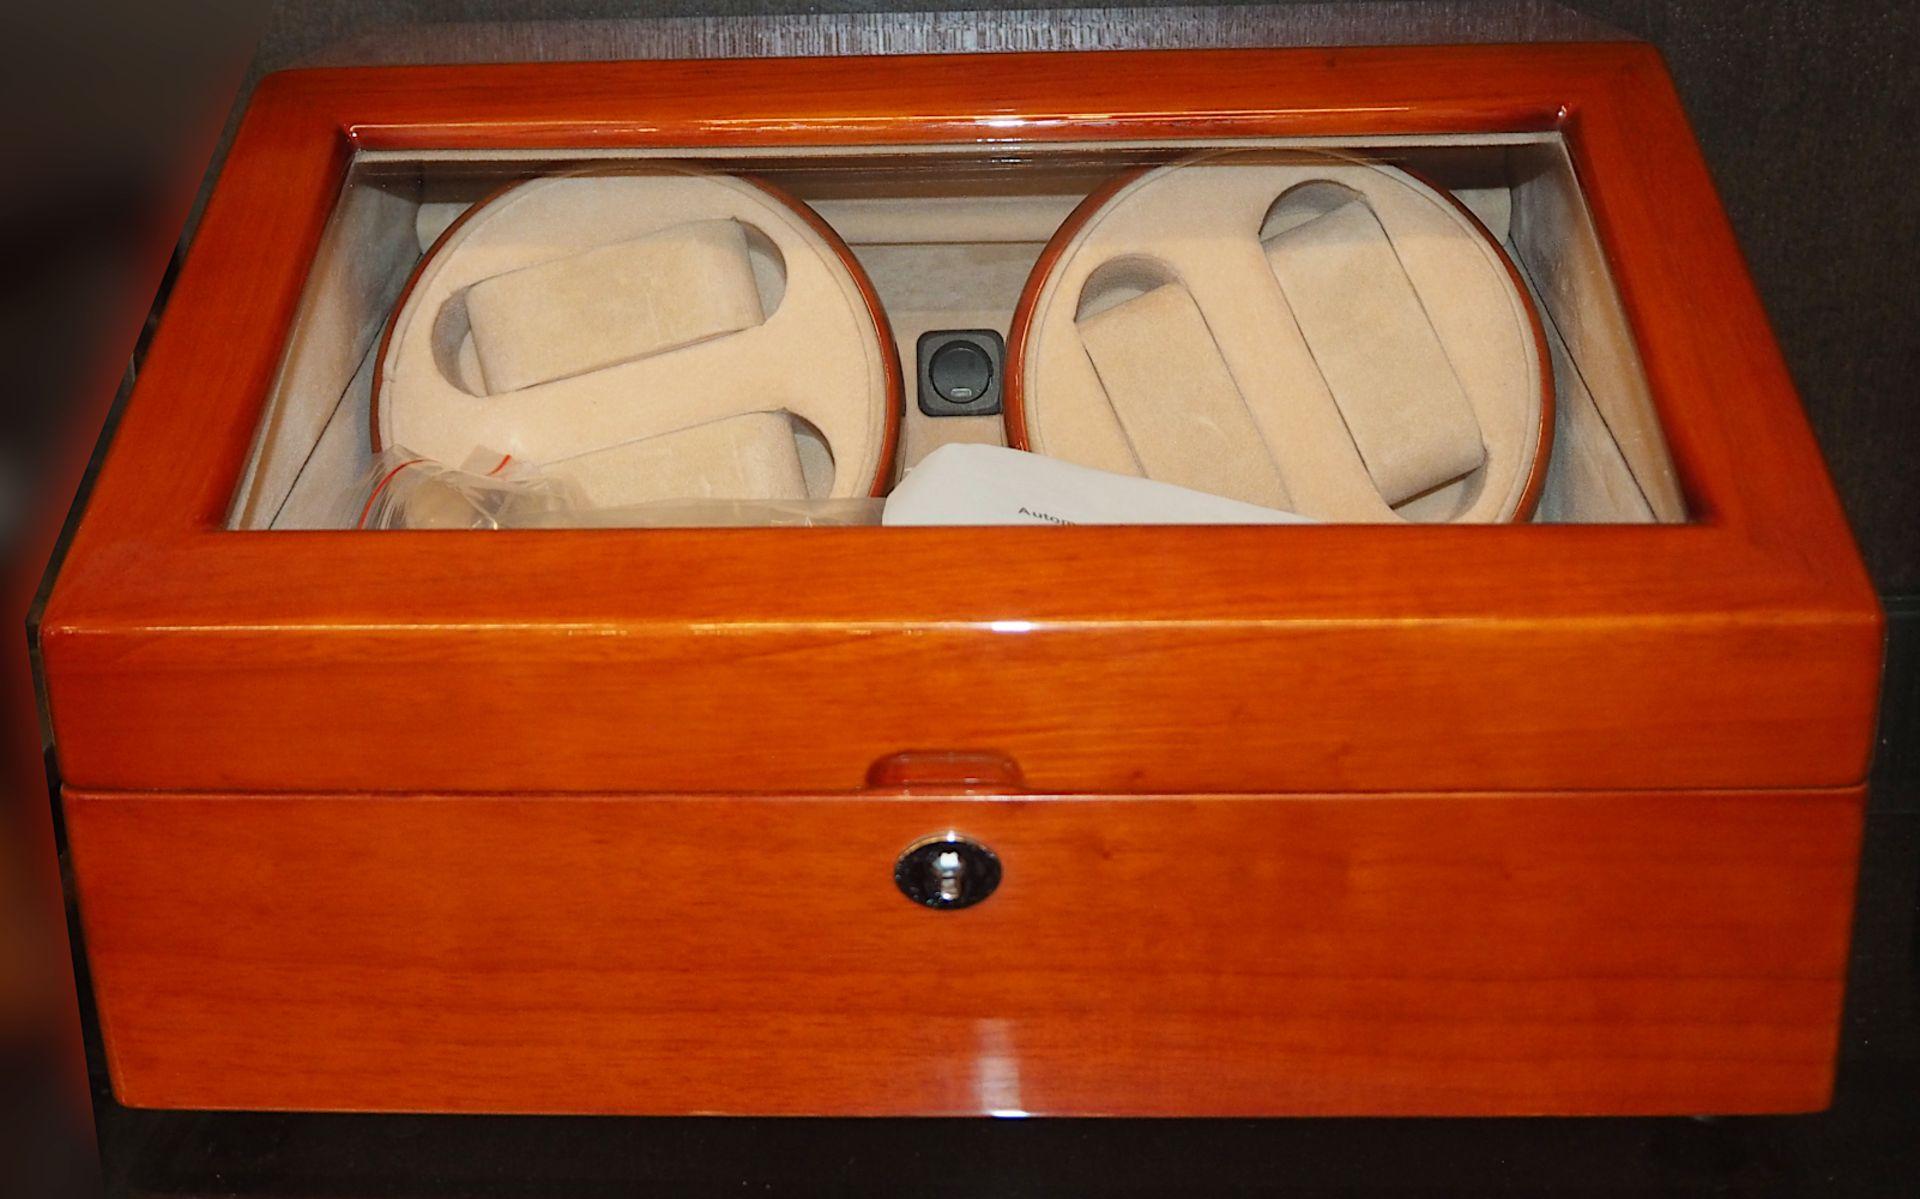 """1 Uhrenbeweger ROBERT Modell: """"WA058"""", Holz mit Glaseinsatz 4 Dreh- und 6 Aufbewahrung - Bild 3 aus 3"""